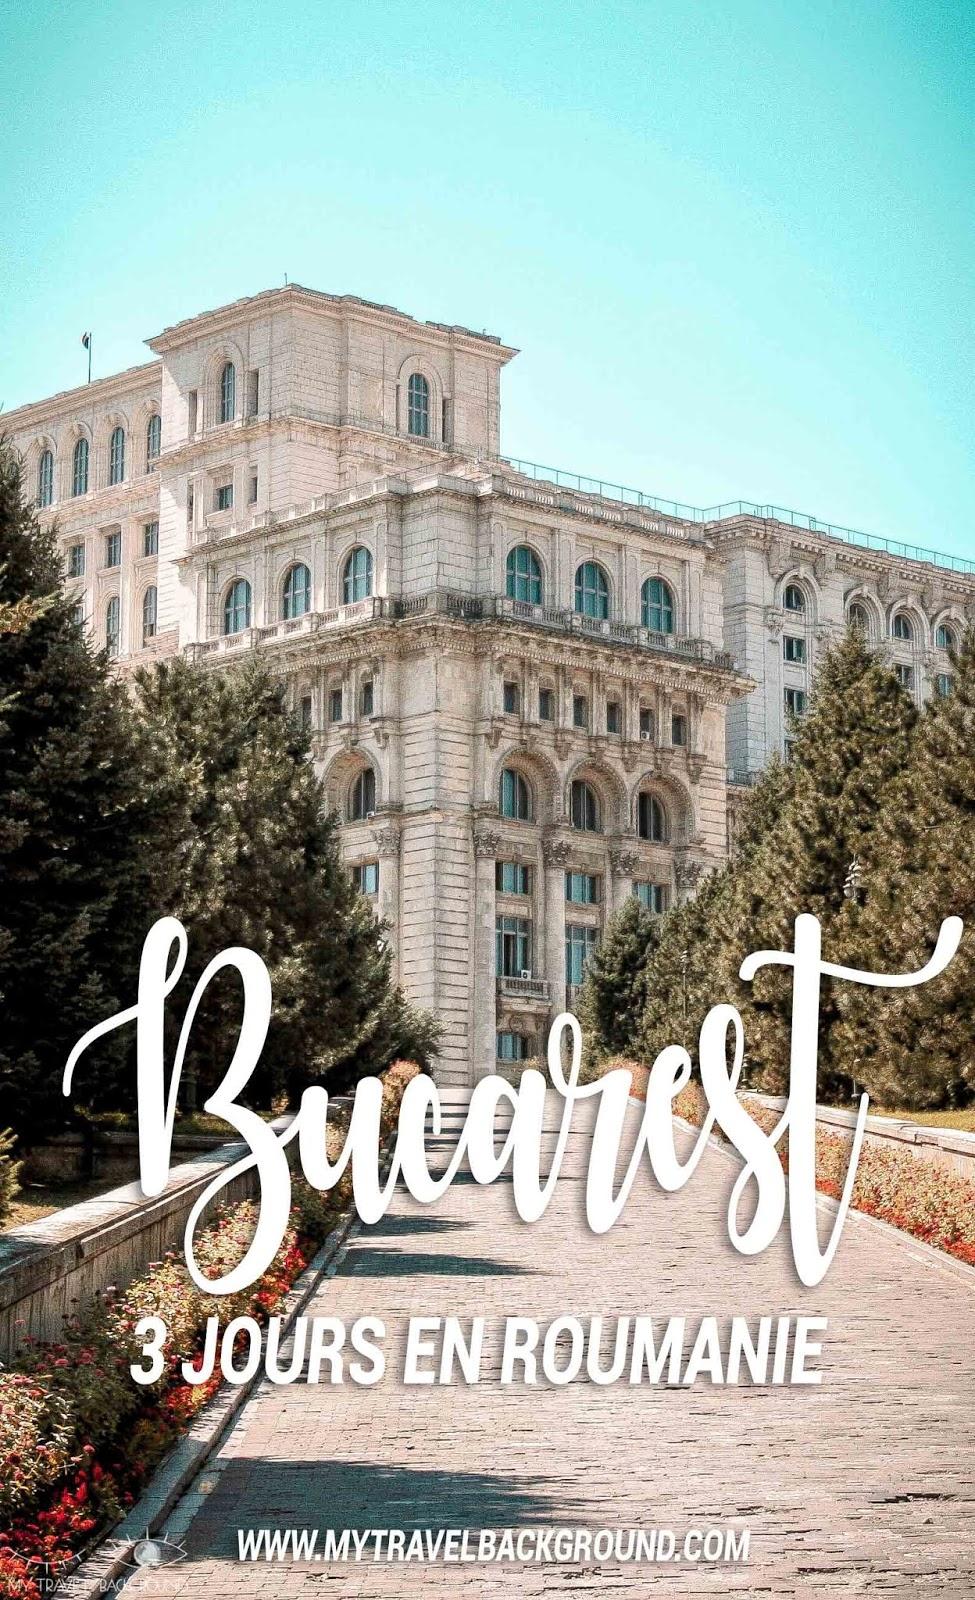 My Travel Background : 3 jours à Bucarest en Roumanie - Palais du Parlement